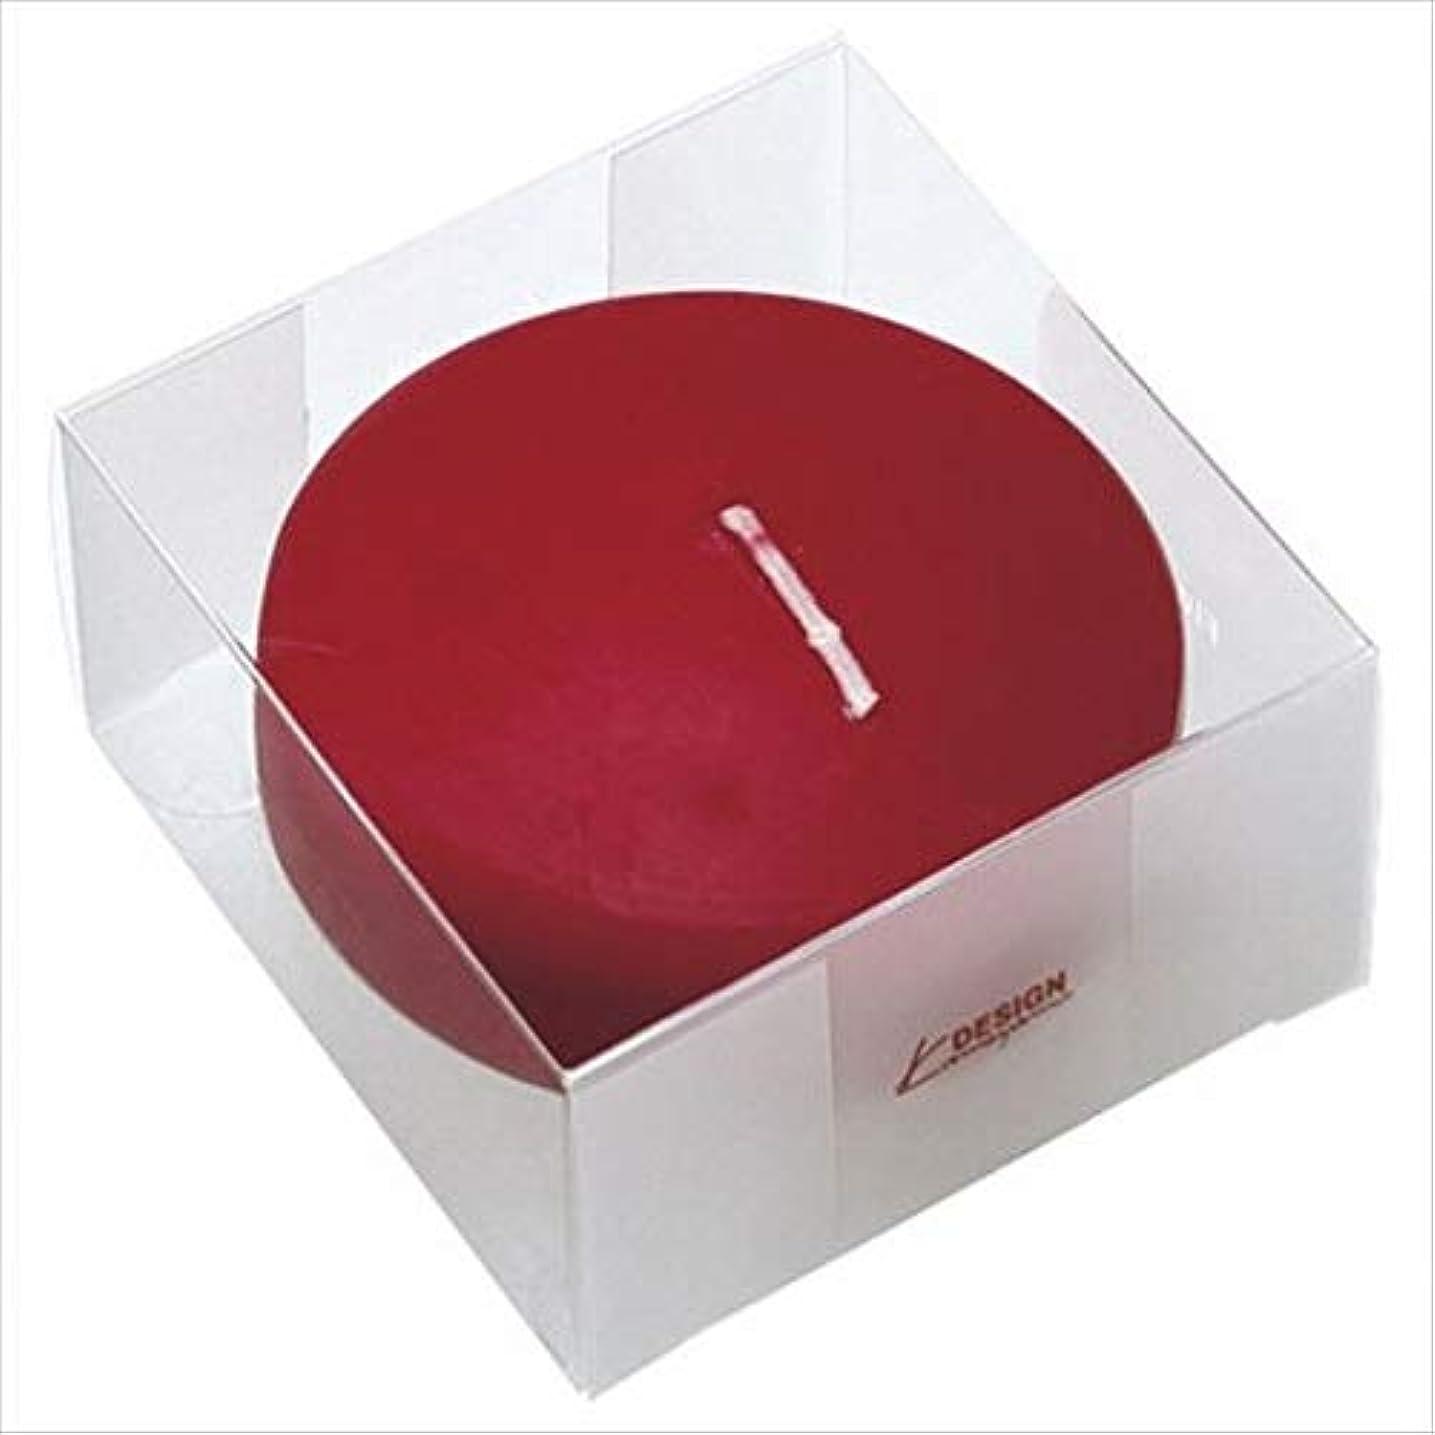 前投薬そして批判するカメヤマキャンドル(kameyama candle) プール80 (箱入り) 「 ワインレッド 」 キャンドル 6個セット